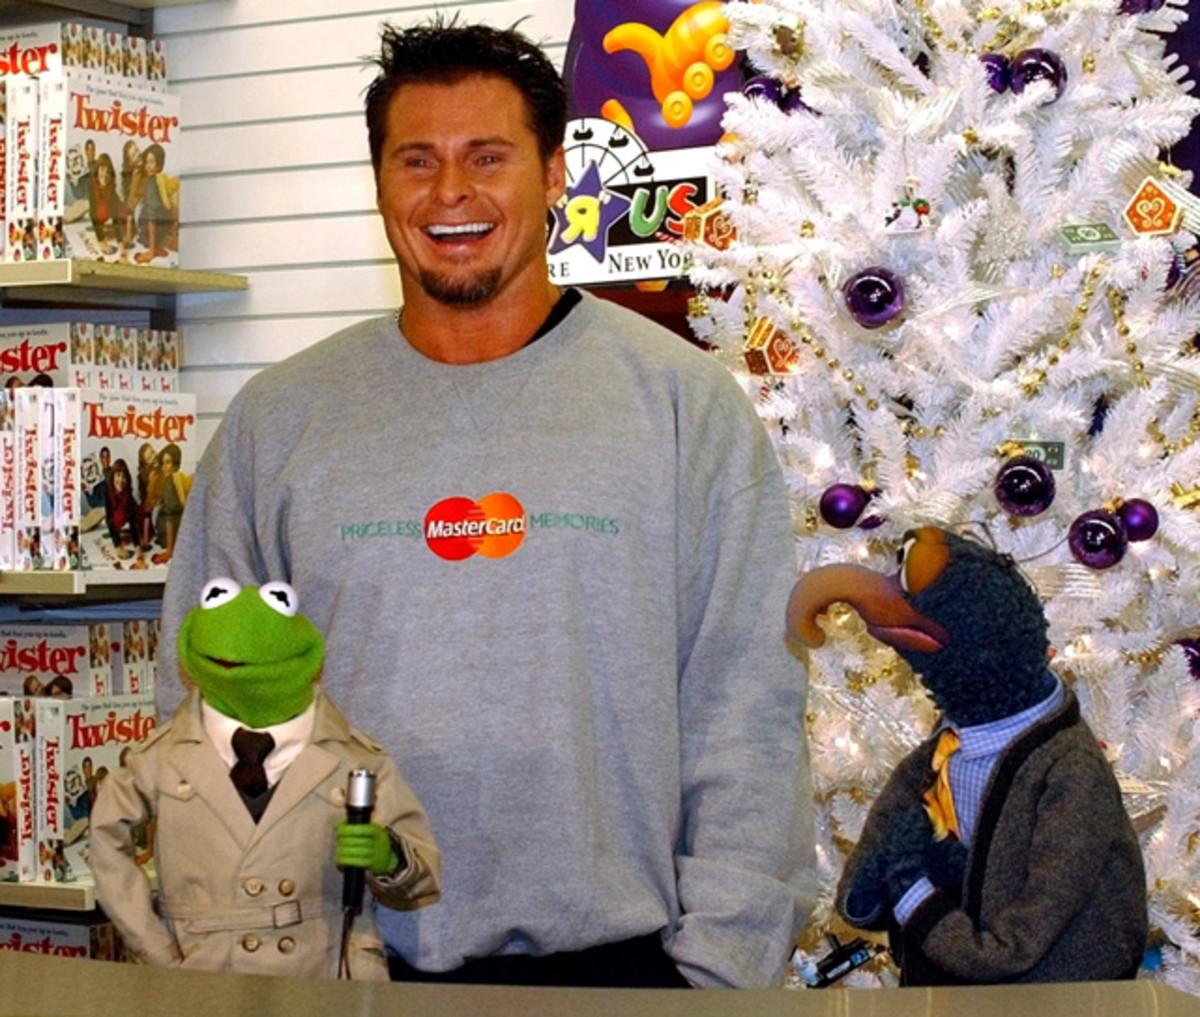 Kermit the Frog, Jason Giambi and Gonzo